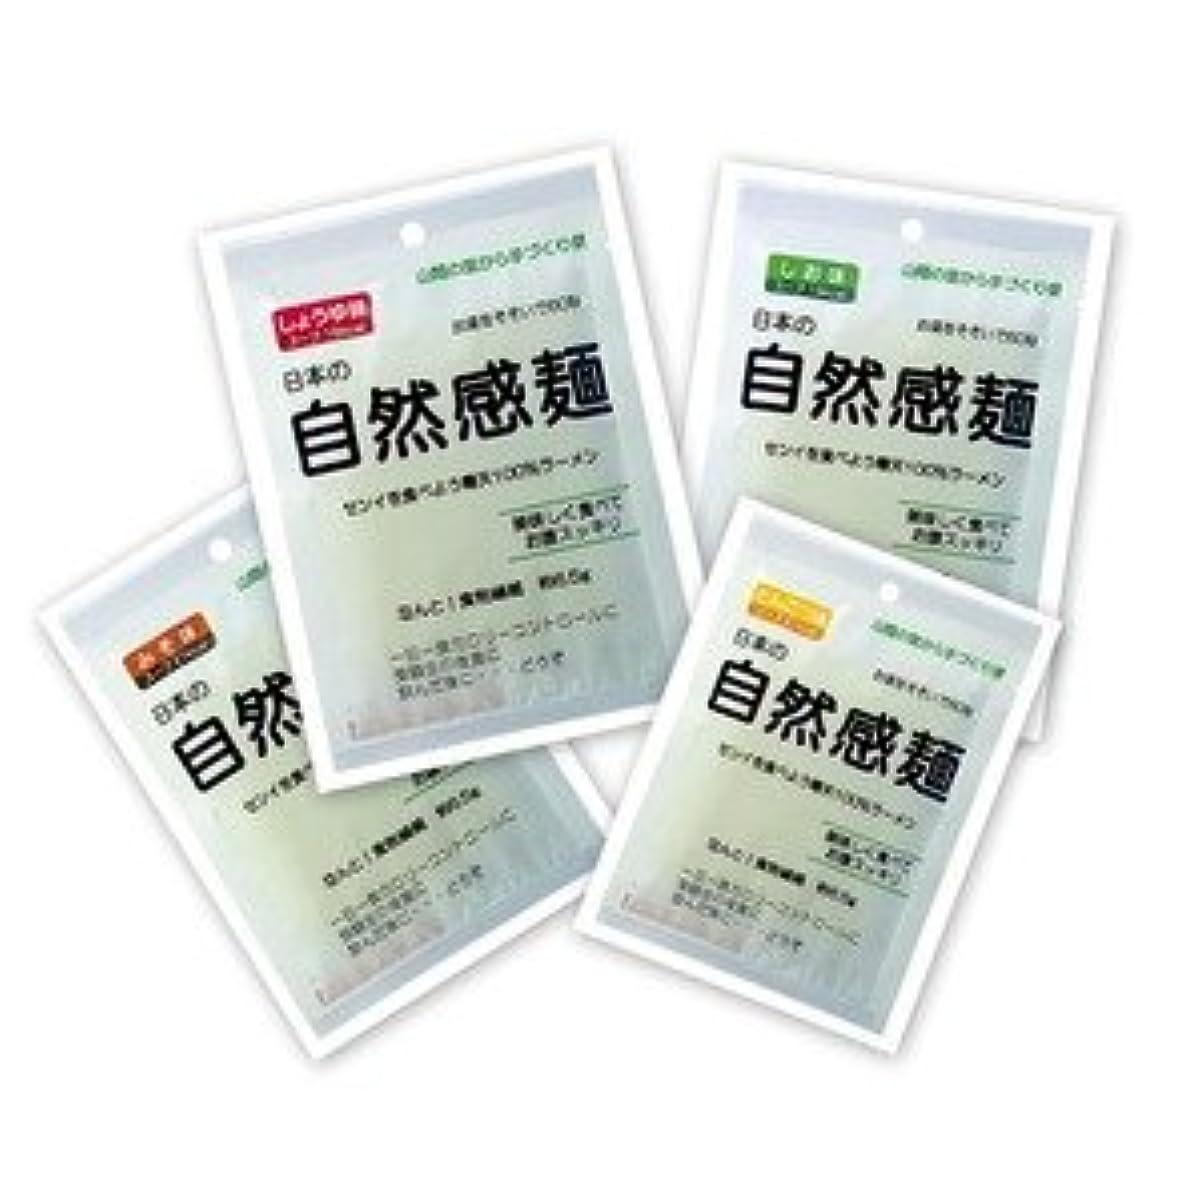 いらいらするファランクスレンチ自然寒天ラーメン/ダイエット食品 【4味5食セット】 しょうゆ味?みそ味?しお味?とんこつ味 日本製